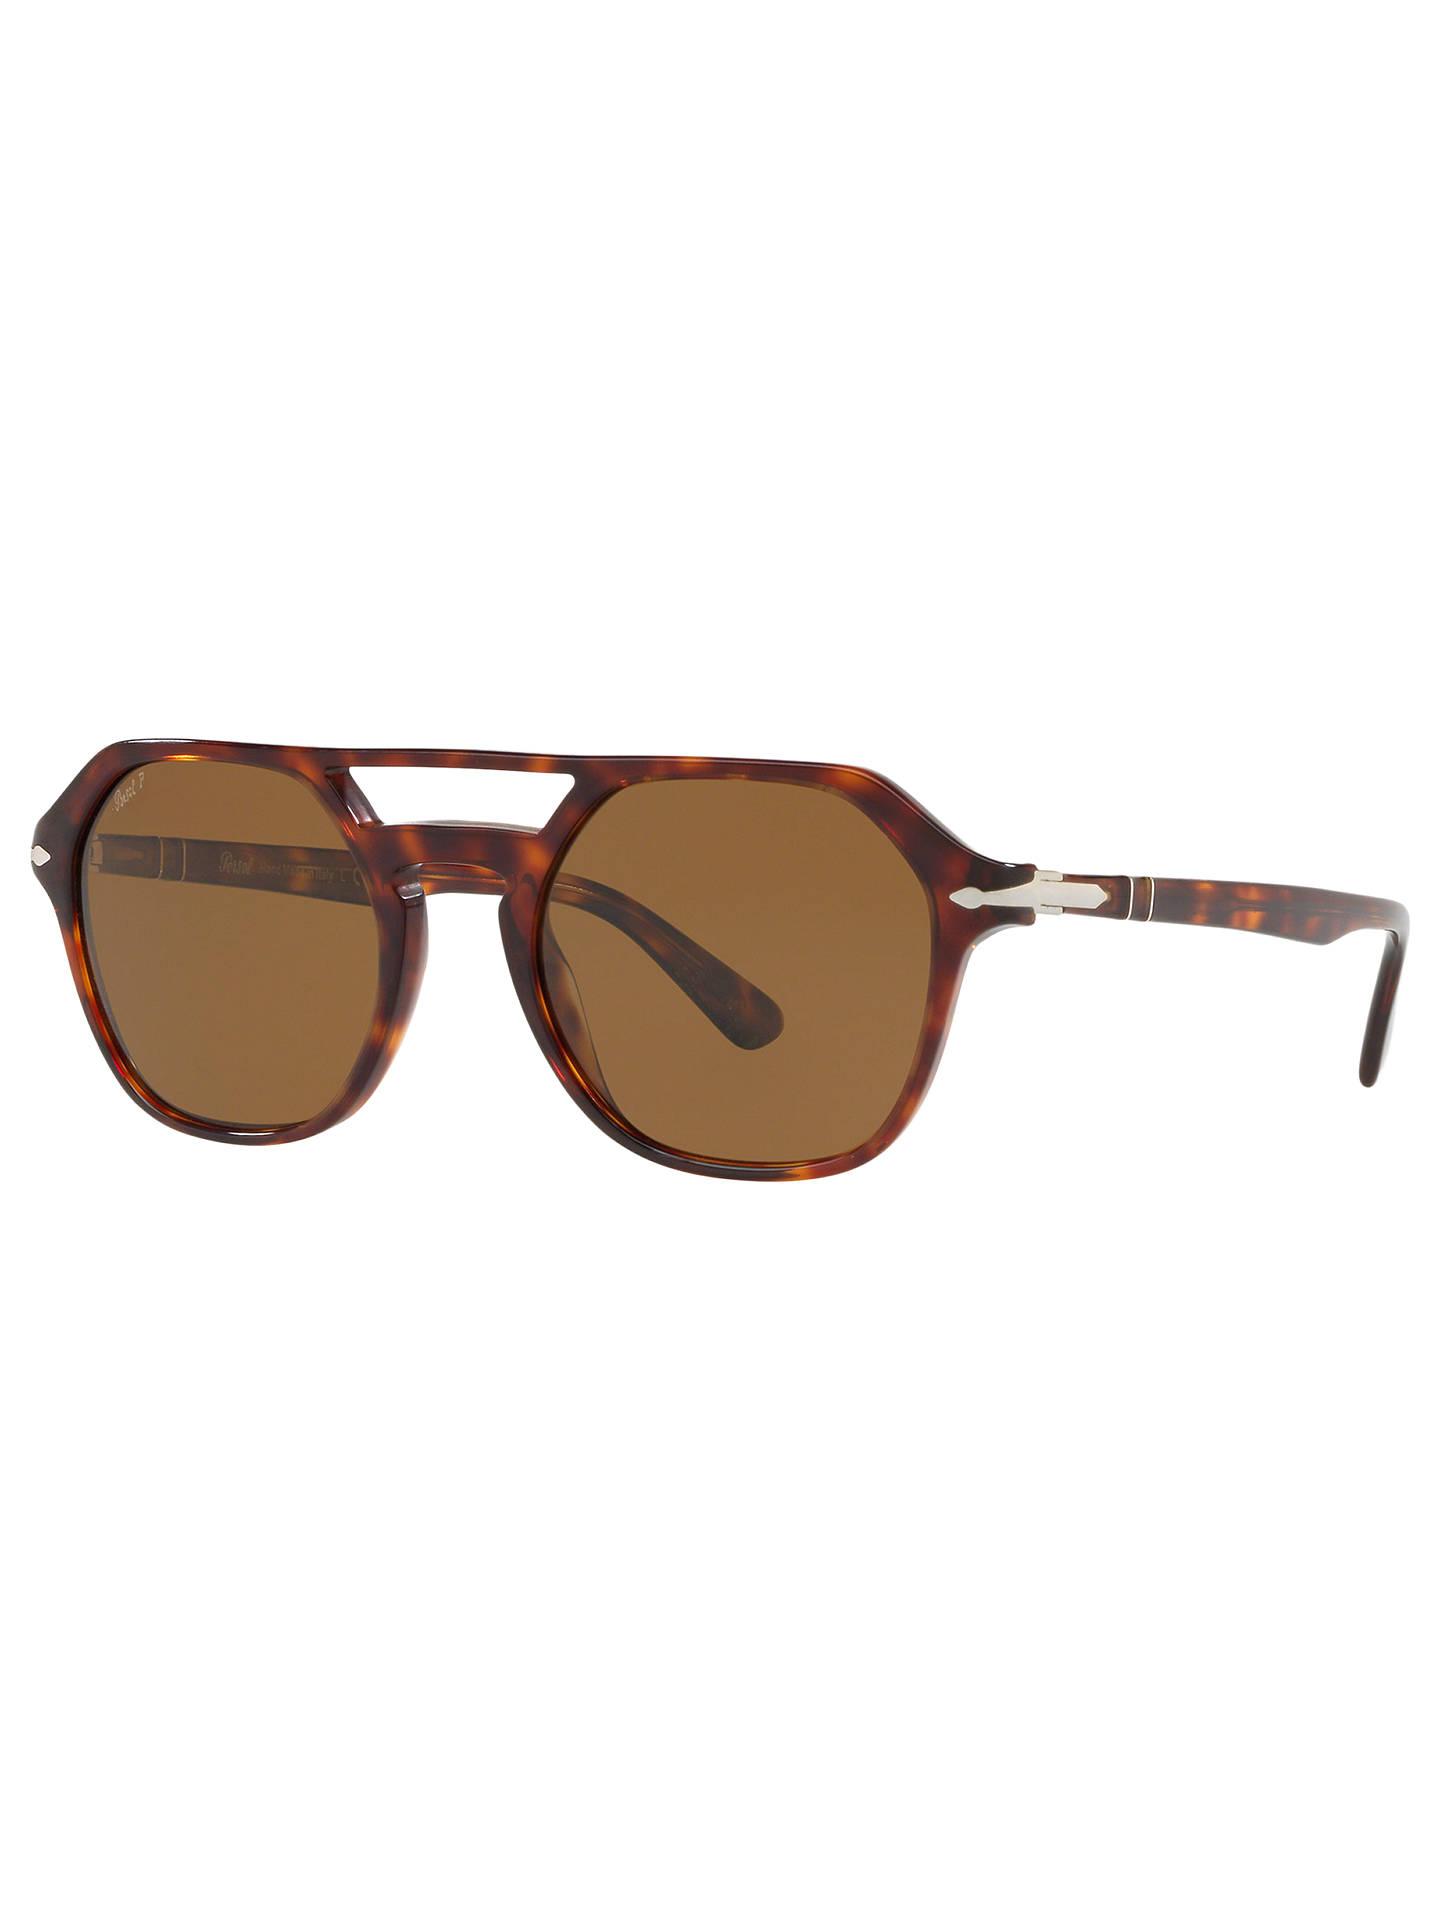 0b4ae48d4f70c Buy Persol PO3194S Men s Polarised Geometric Sunglasses